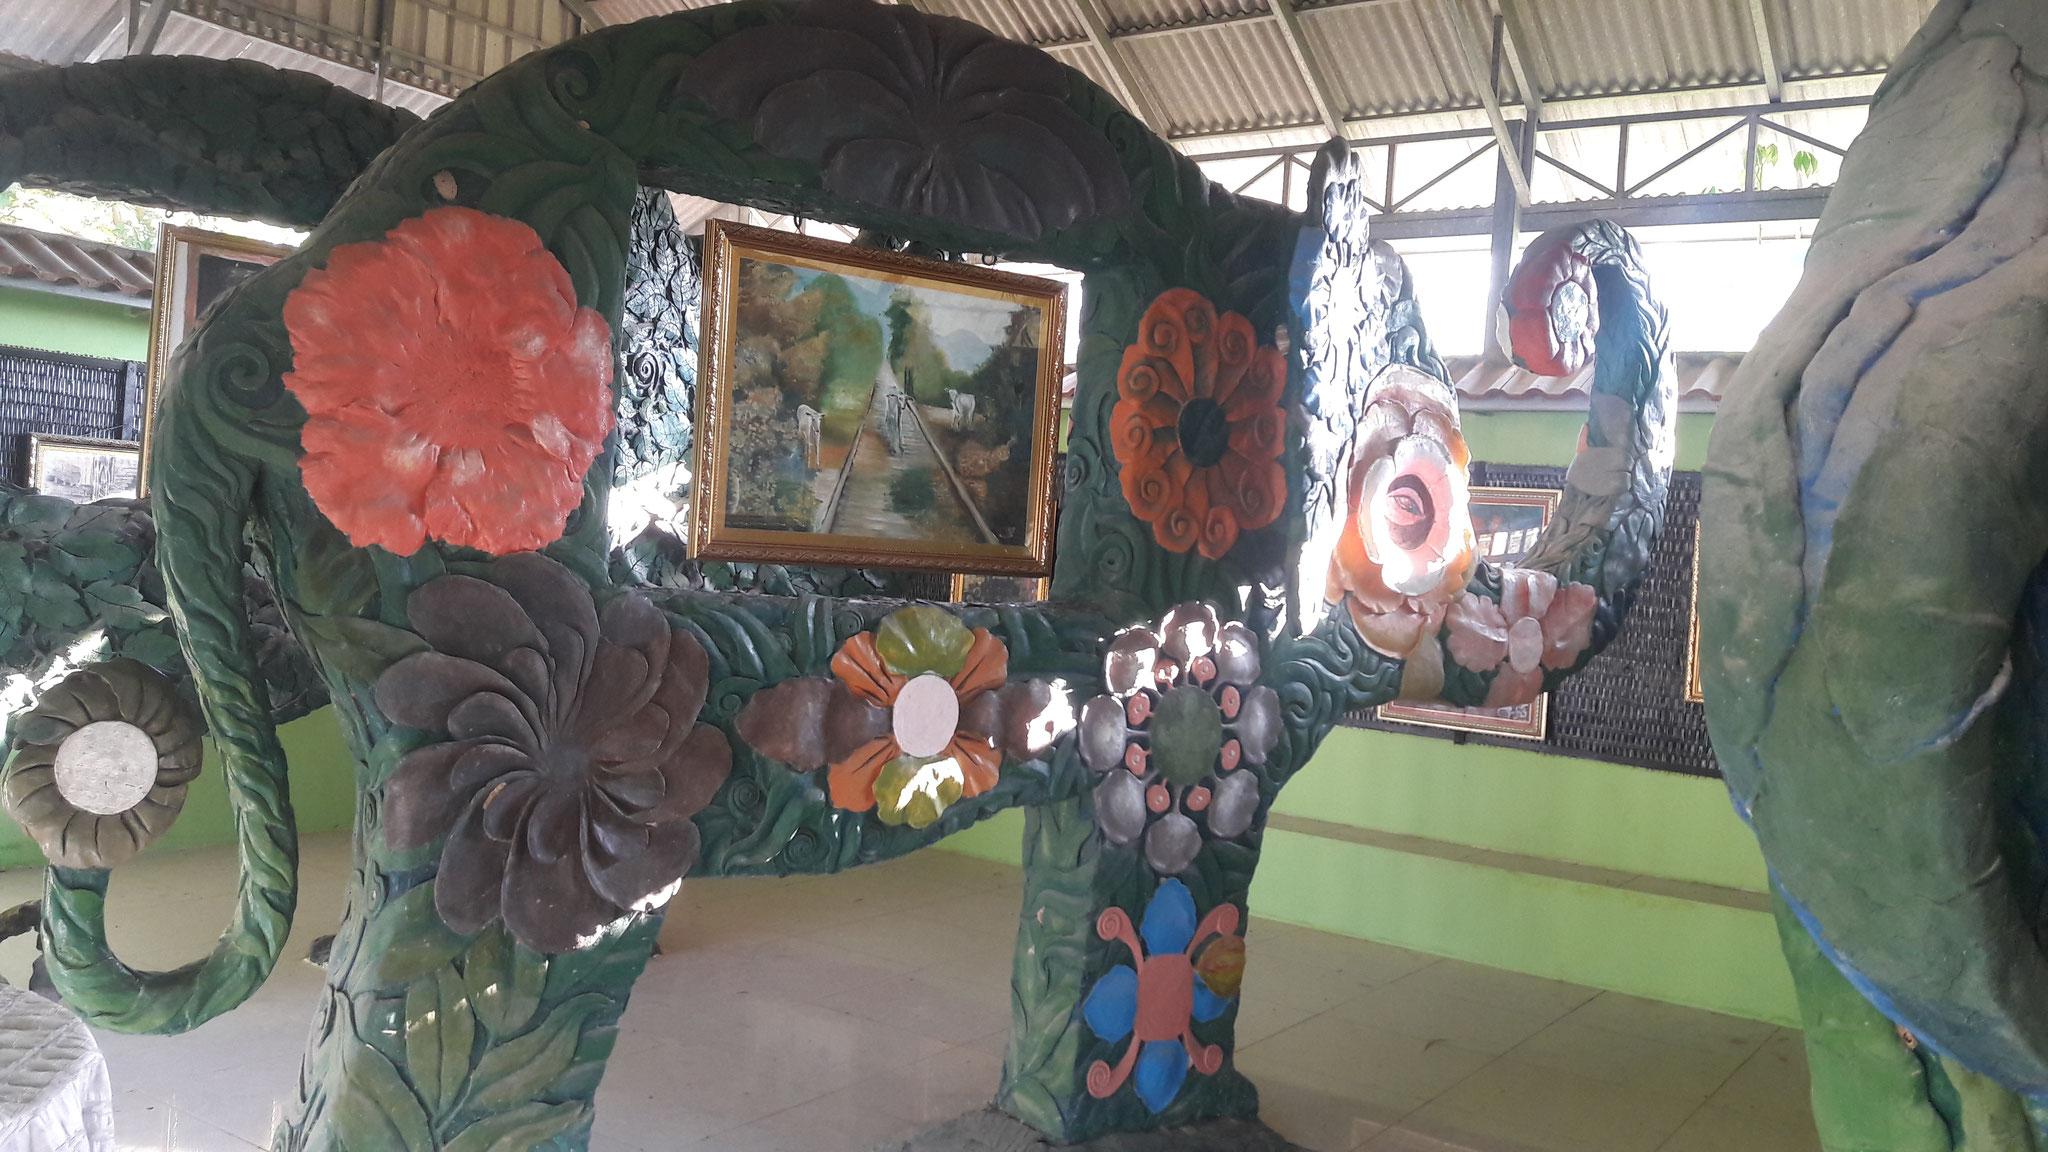 """Der """"Elefanten-Raum"""" wurde von einem kambodschanischen Künstler geschaffen. Die Elefanten sind so stabil, dass selbst ein Erwachsener auf ihnen Klettern kann."""